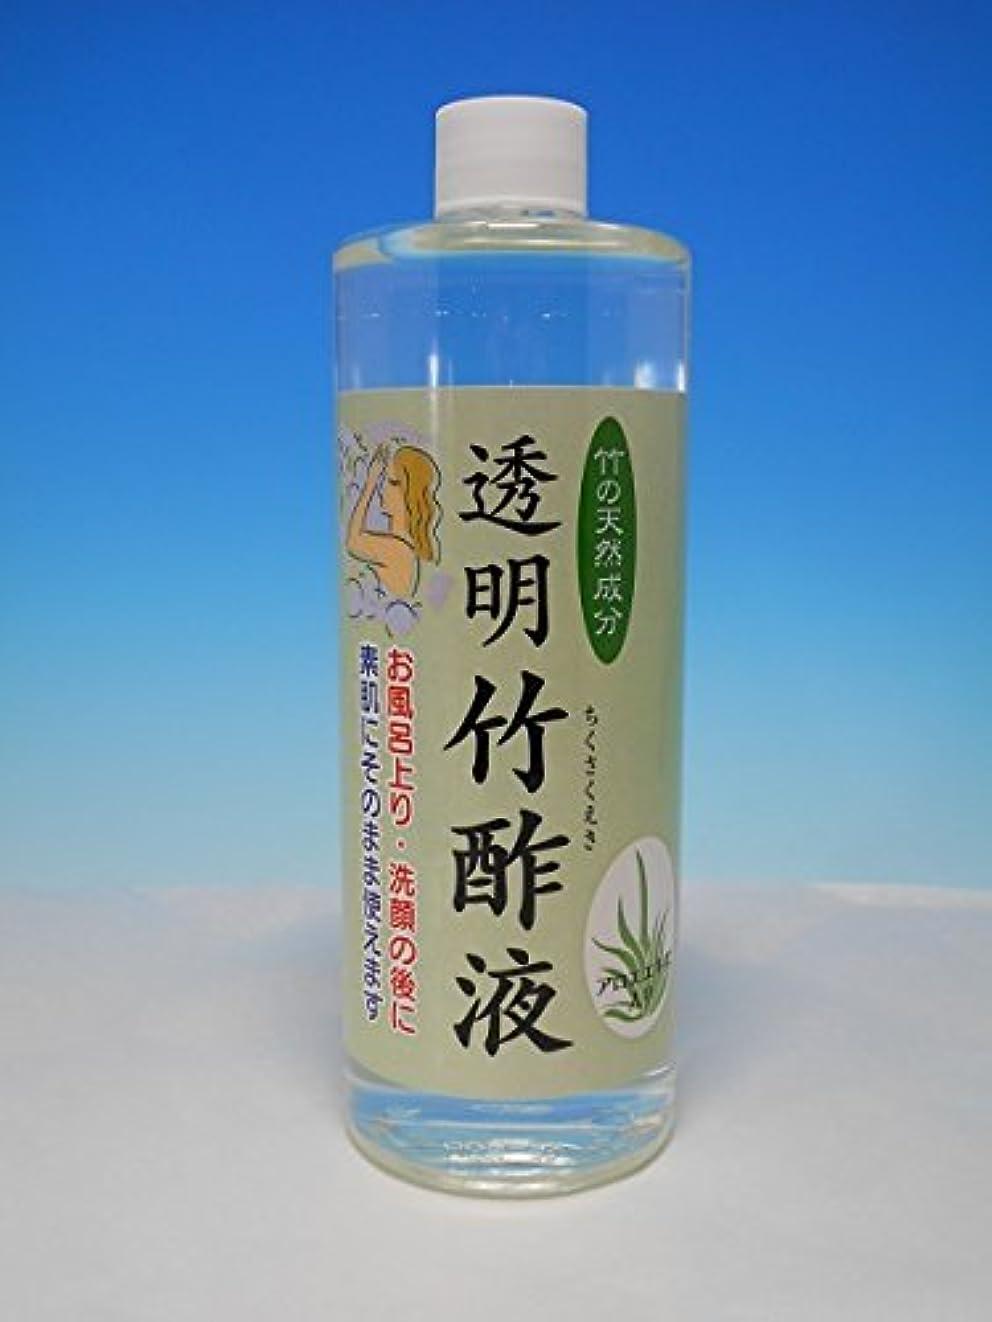 綺麗な重荷特殊透明竹酢液 500ml 素肌に使える化粧水タイプの竹酢液